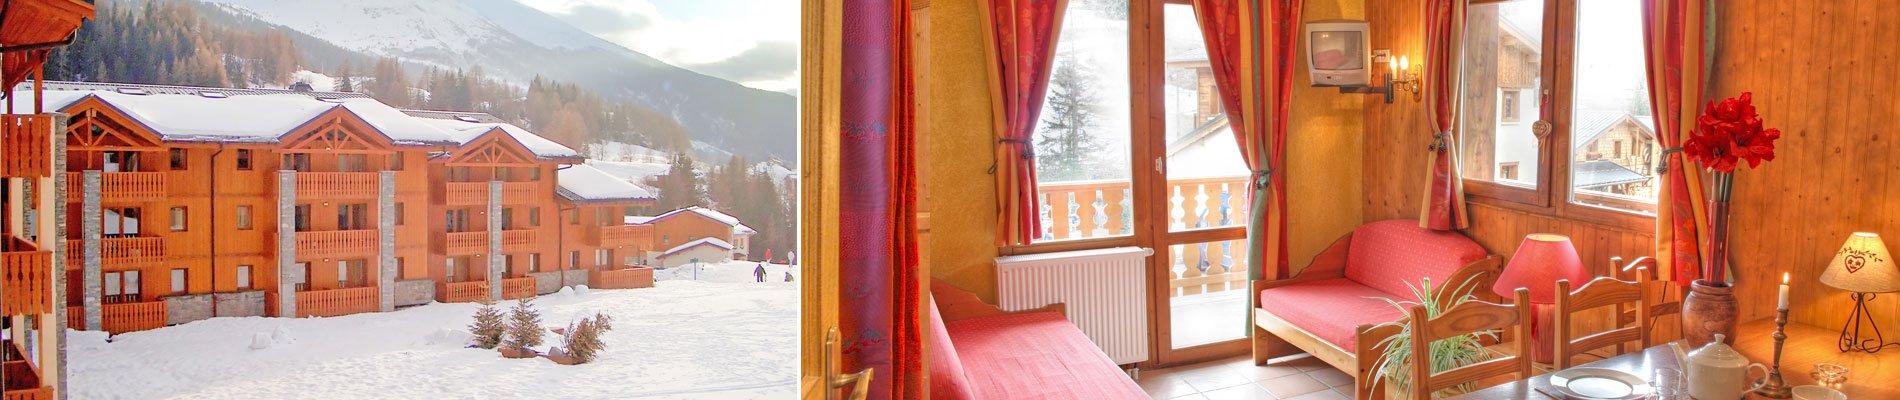 balcons-de-val-cenis-frankrijk-wintersport